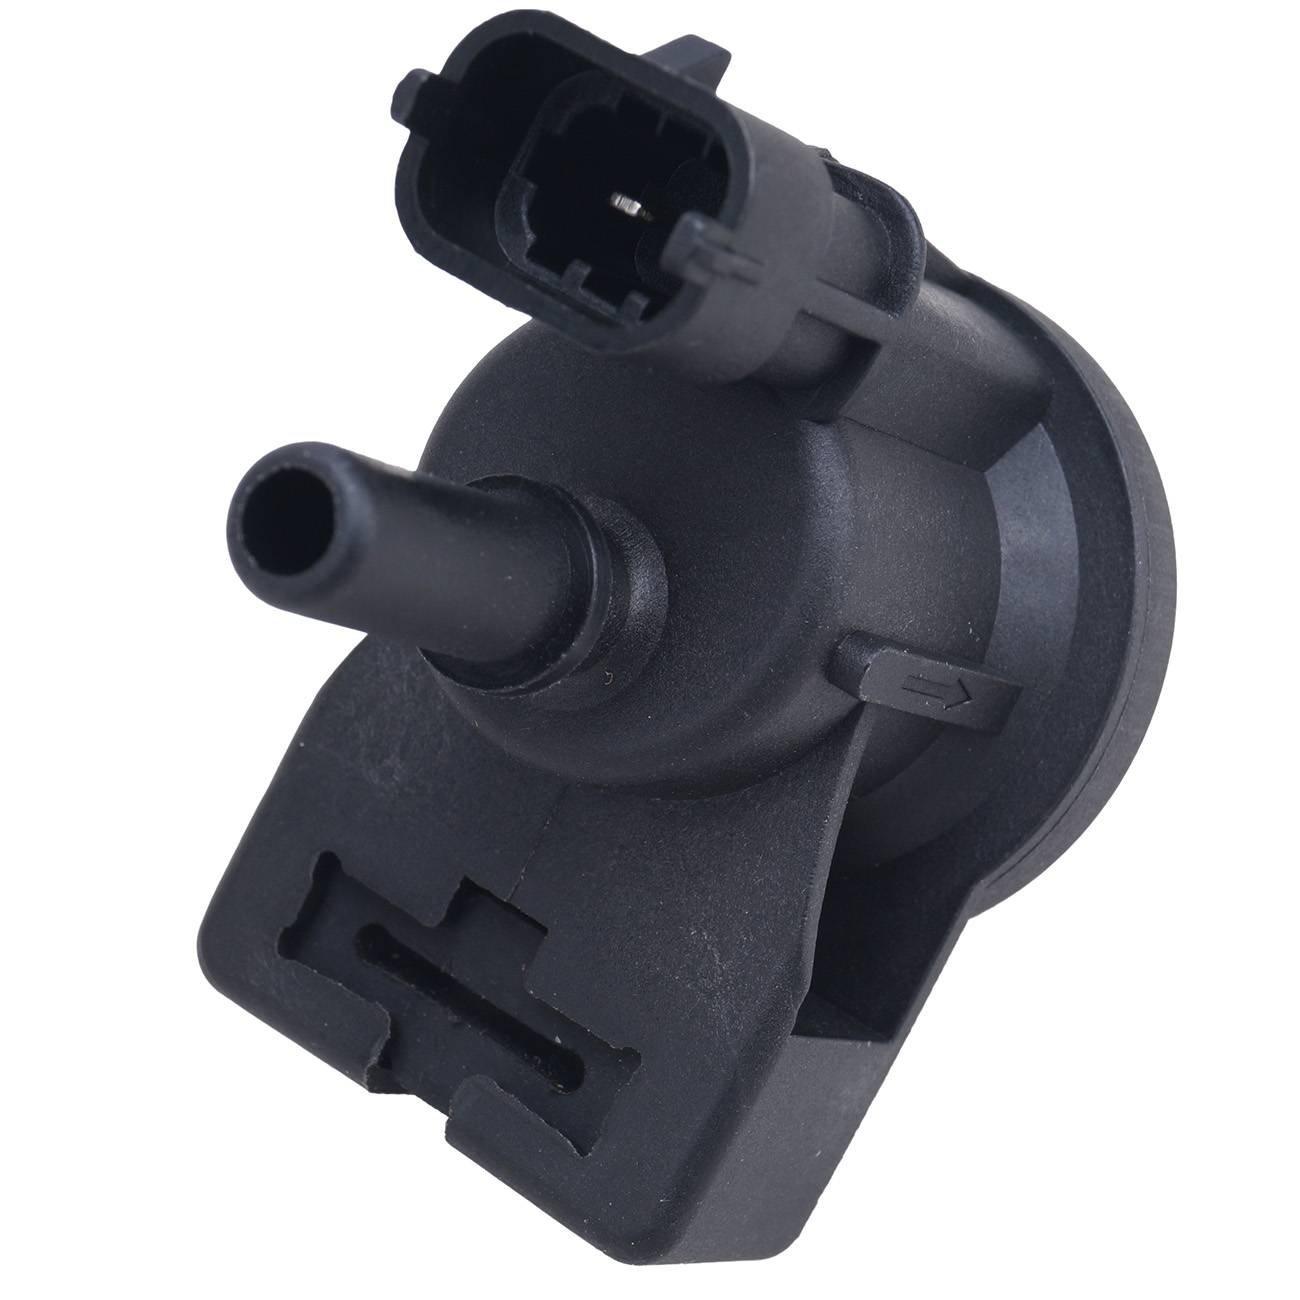 New Fuel Pump Assembly /& Fuel Level Sensor 2003-2004 Cadillac CTS 3.2L GAM1216